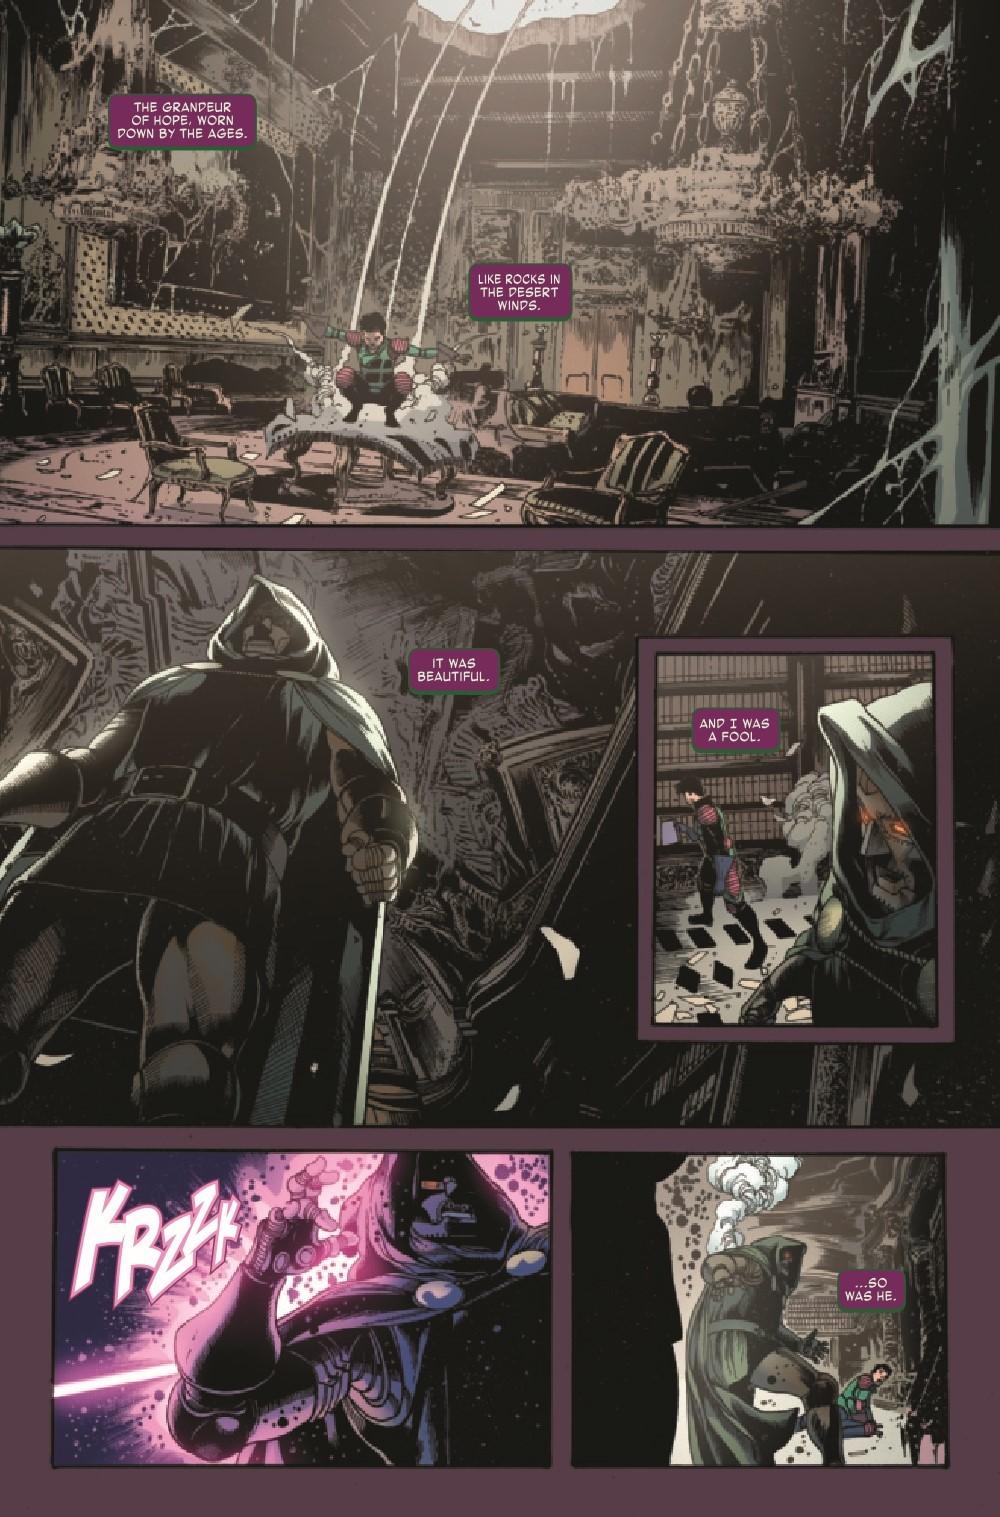 KANGCONQUEROR2021001_Preview-7 ComicList Previews: KANG THE CONQUEROR #1 (OF 5)